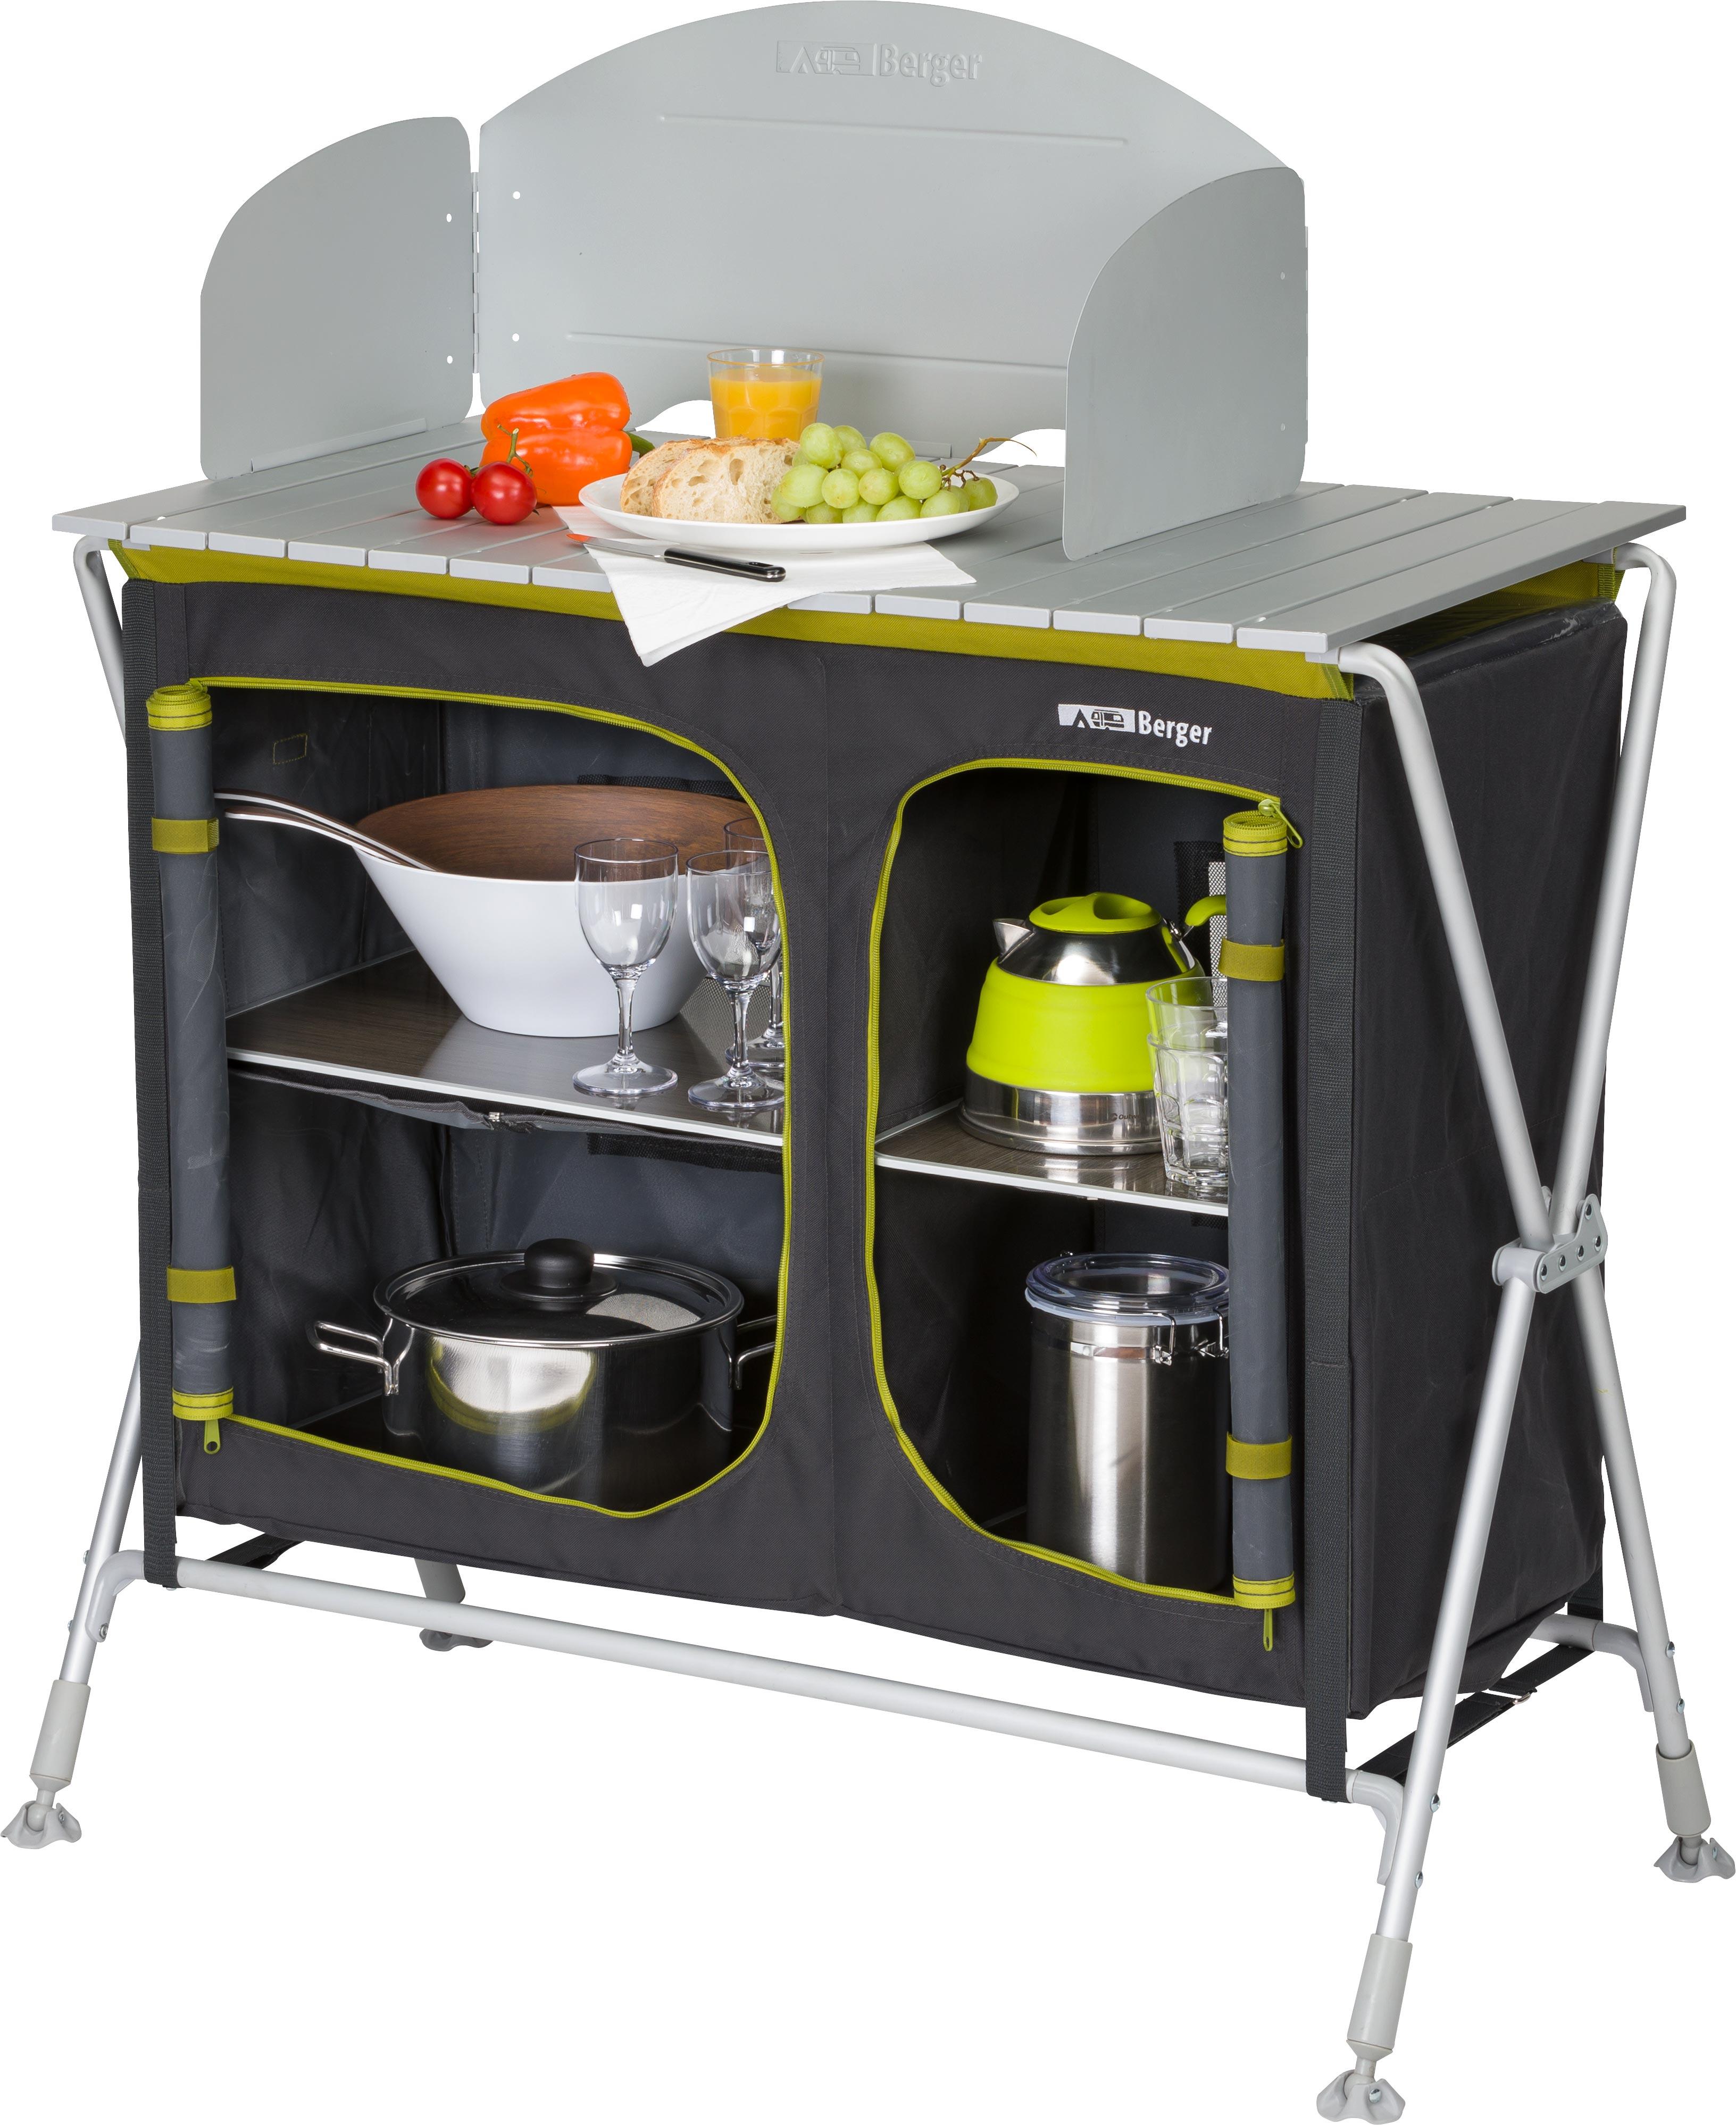 Berger Küchenbox Pablo | 04036231059261